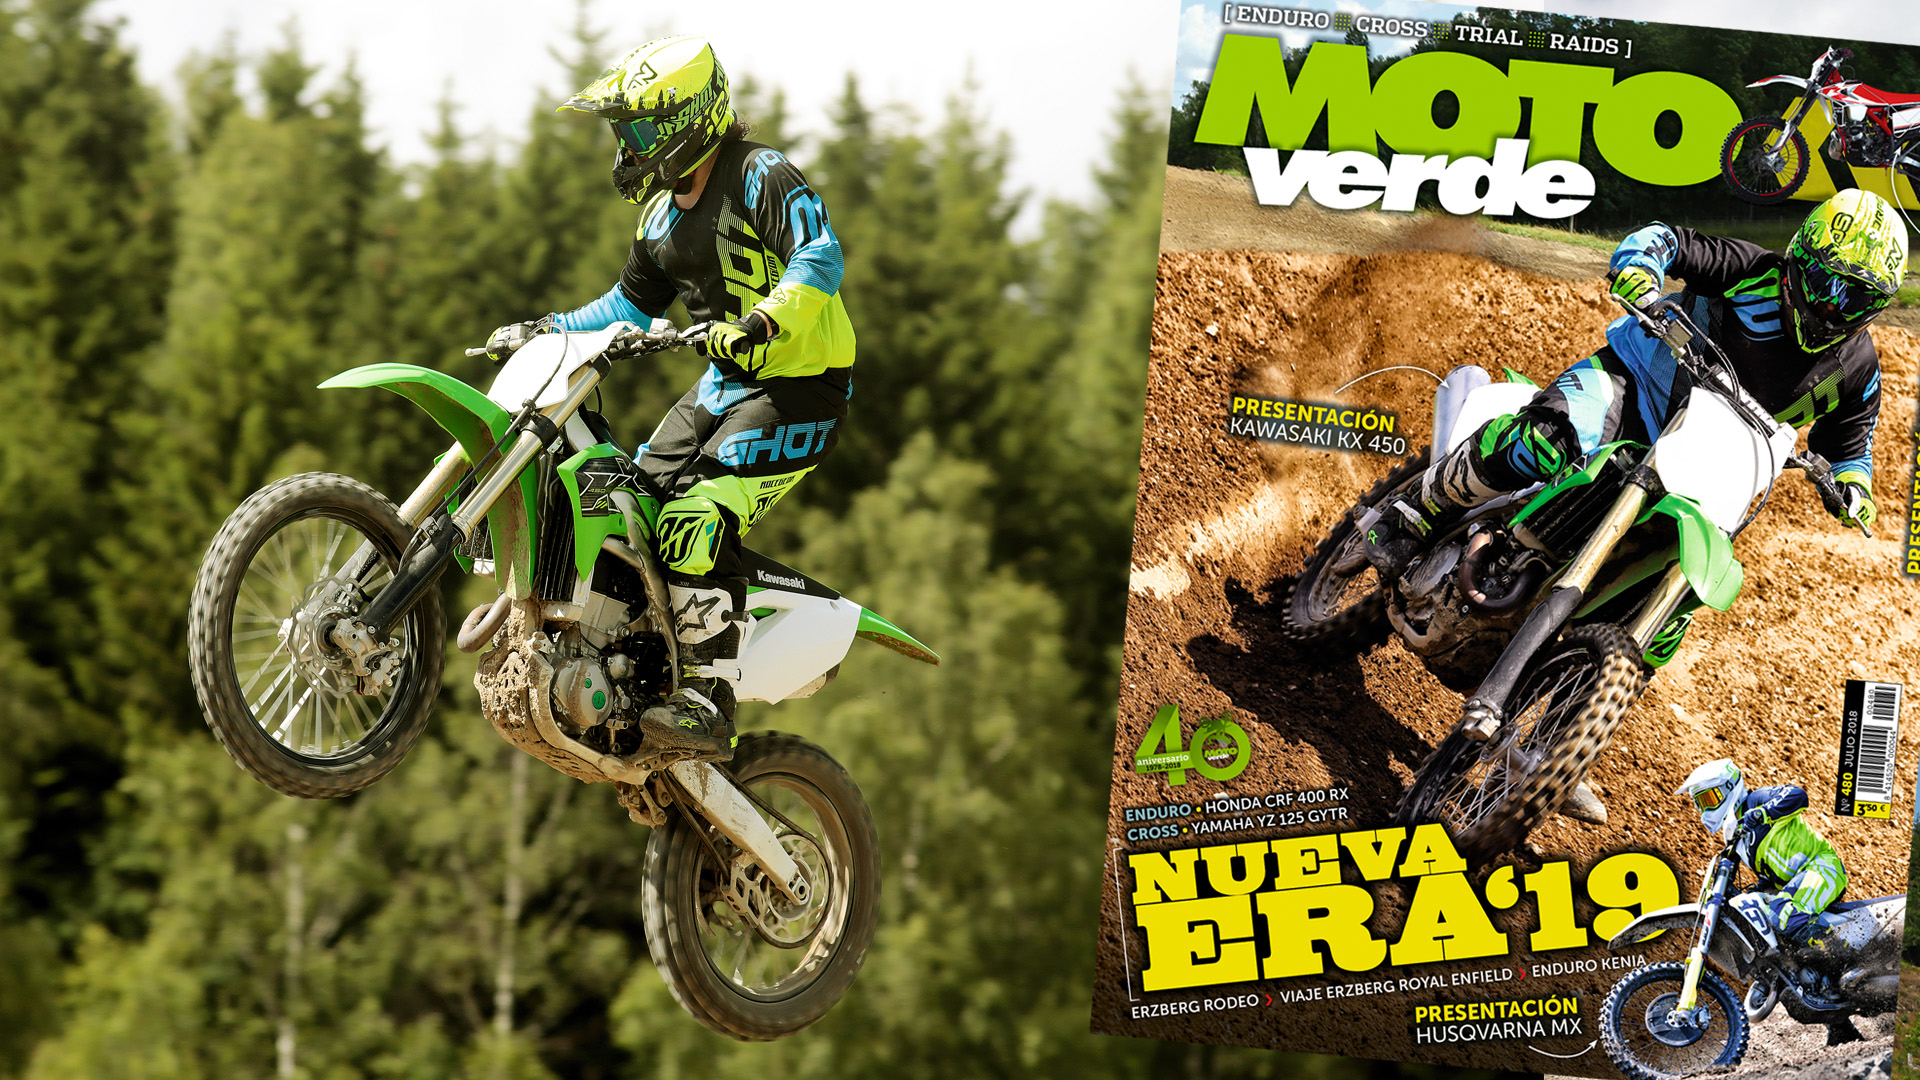 MOTO VERDE 480, contenidos y sumario de la revista